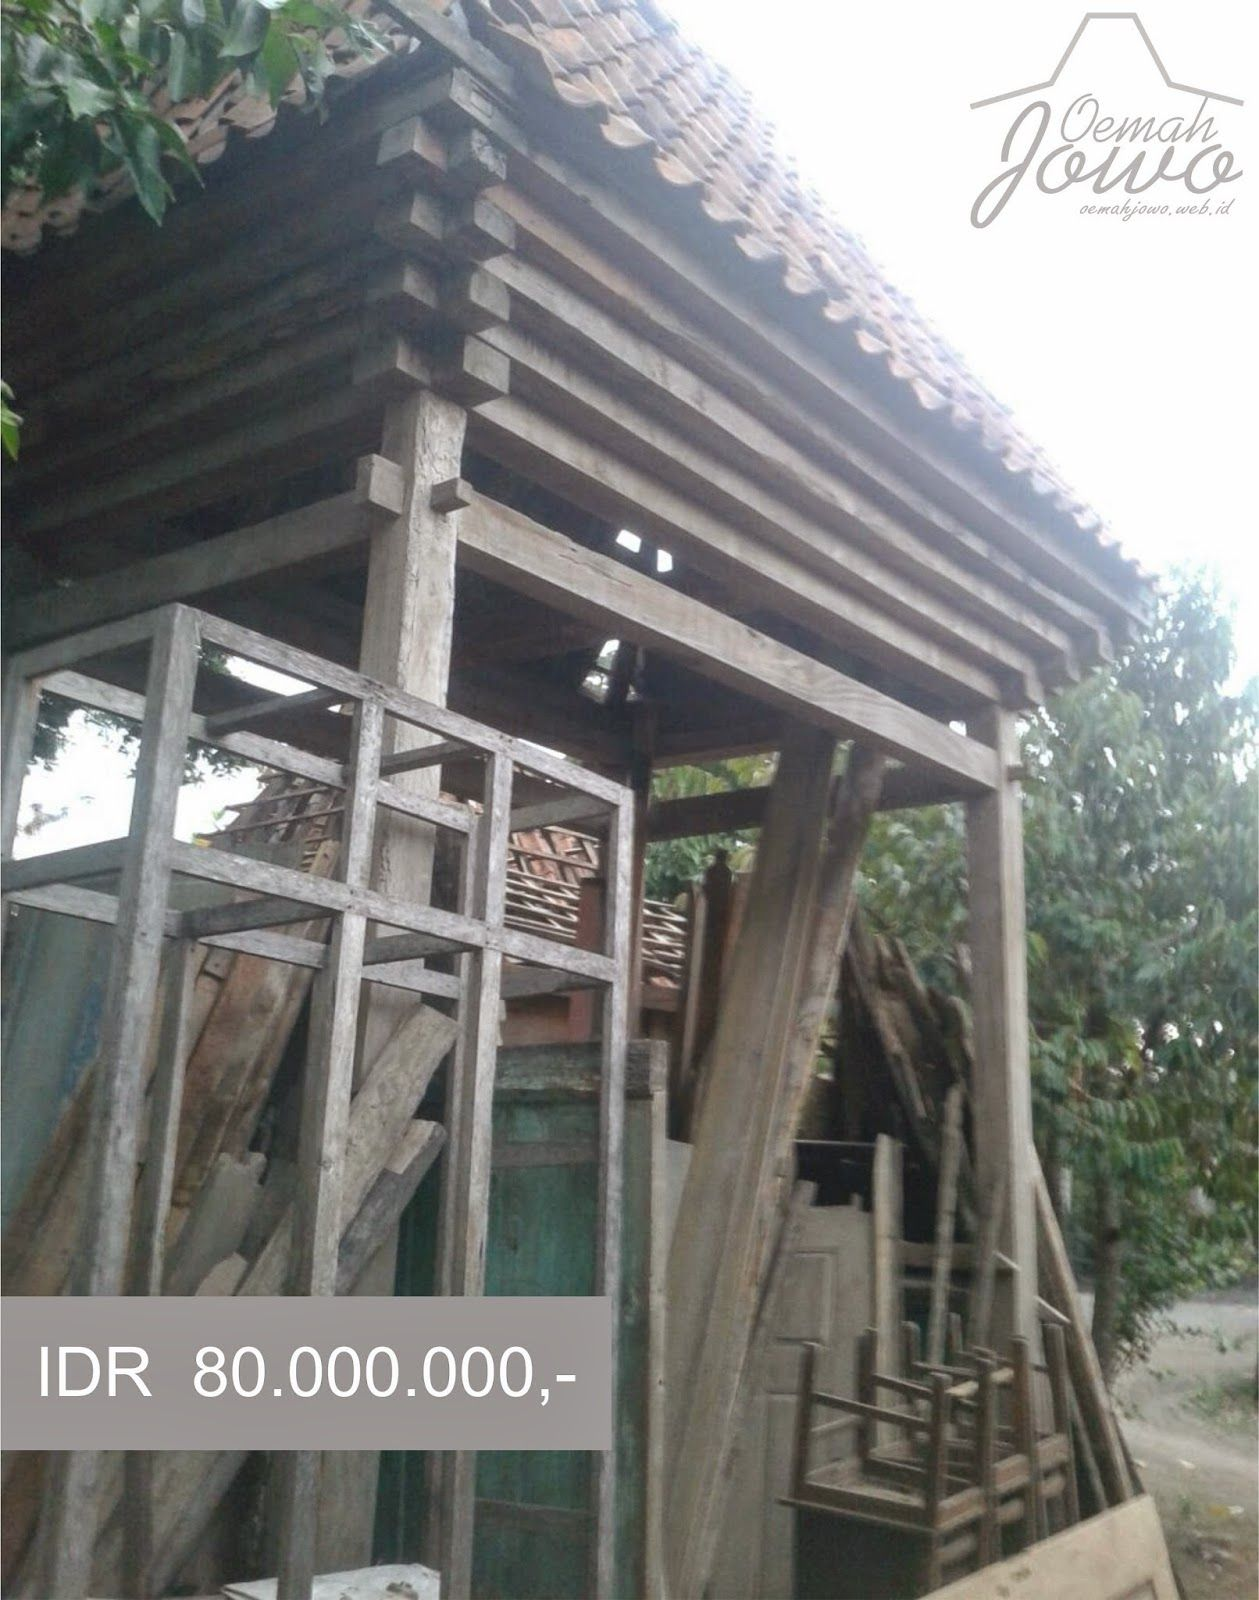 Rumah Jawa Rumah Joglo Rumah Limasan Rumah Desain Indonesia